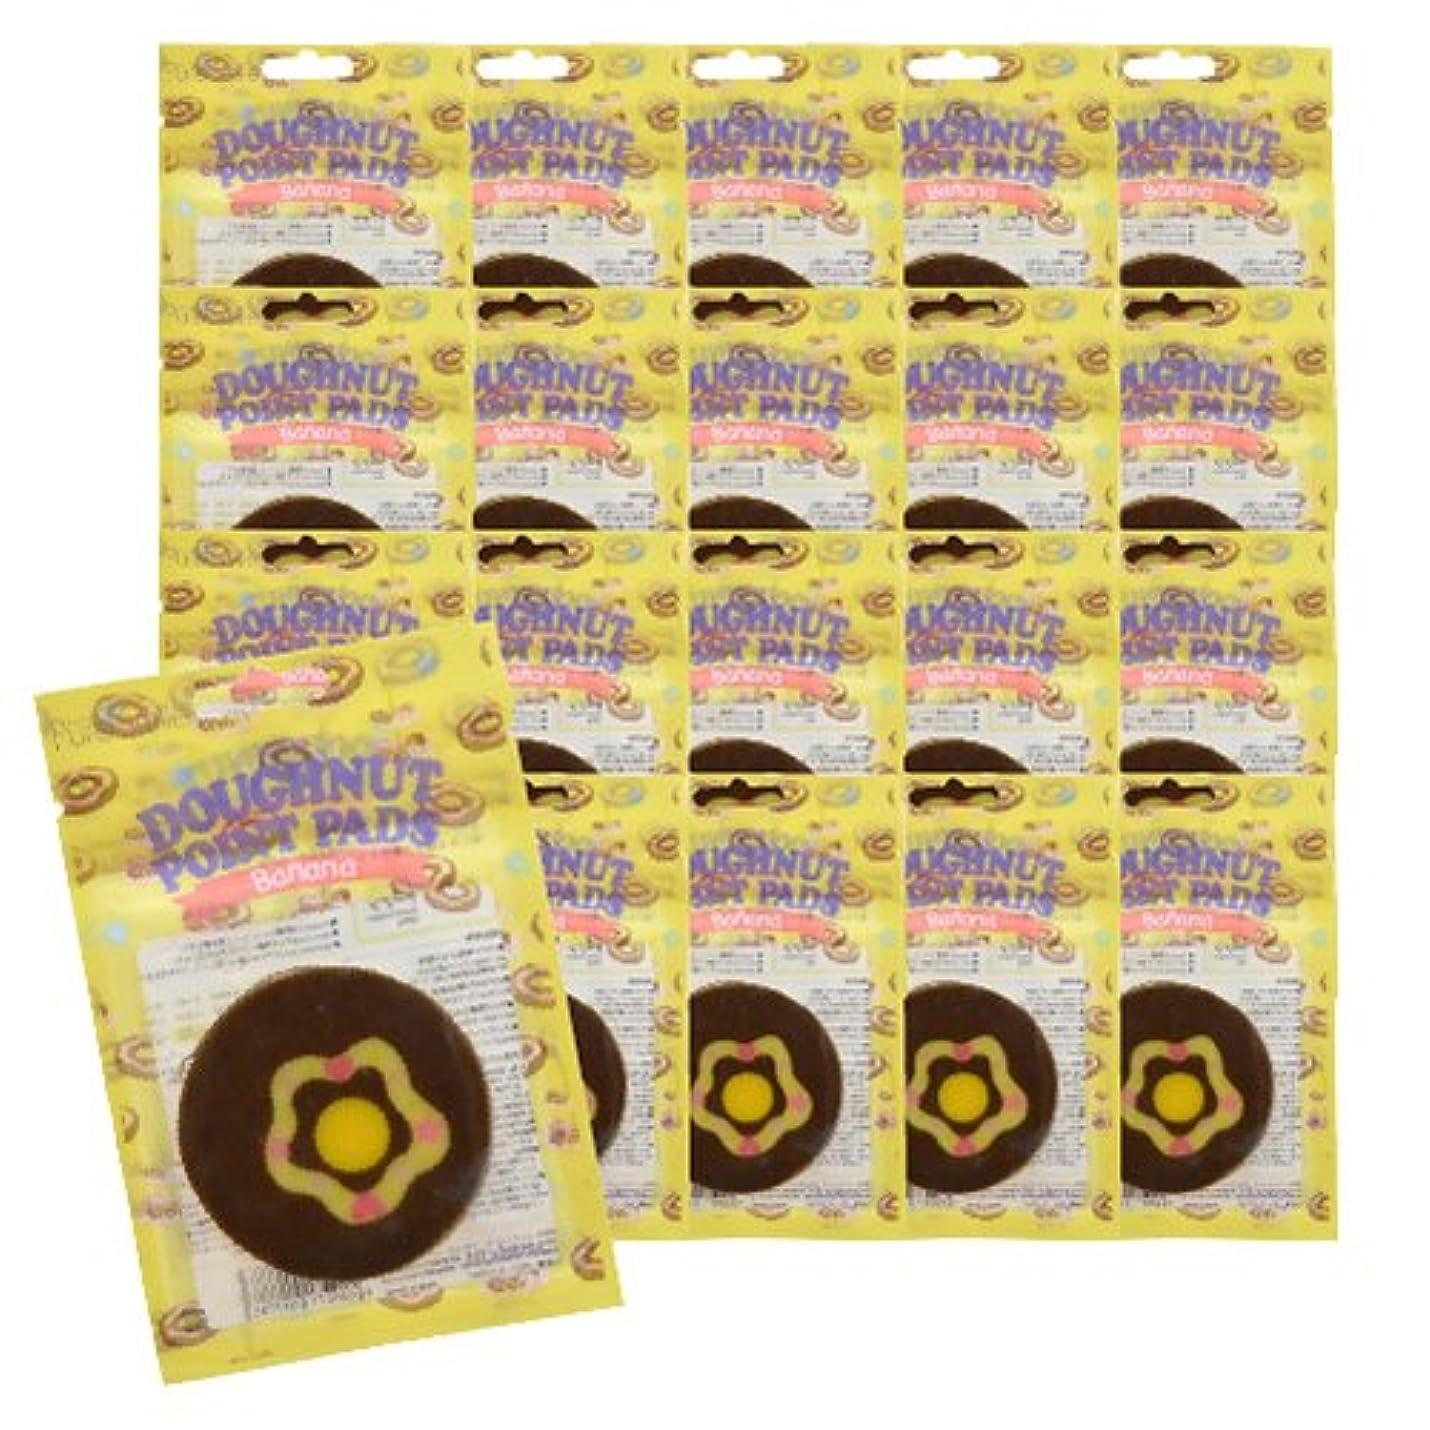 庭園帝国愛するピュアスマイル スイートドーナツポイントパッド バナナ 20枚パック